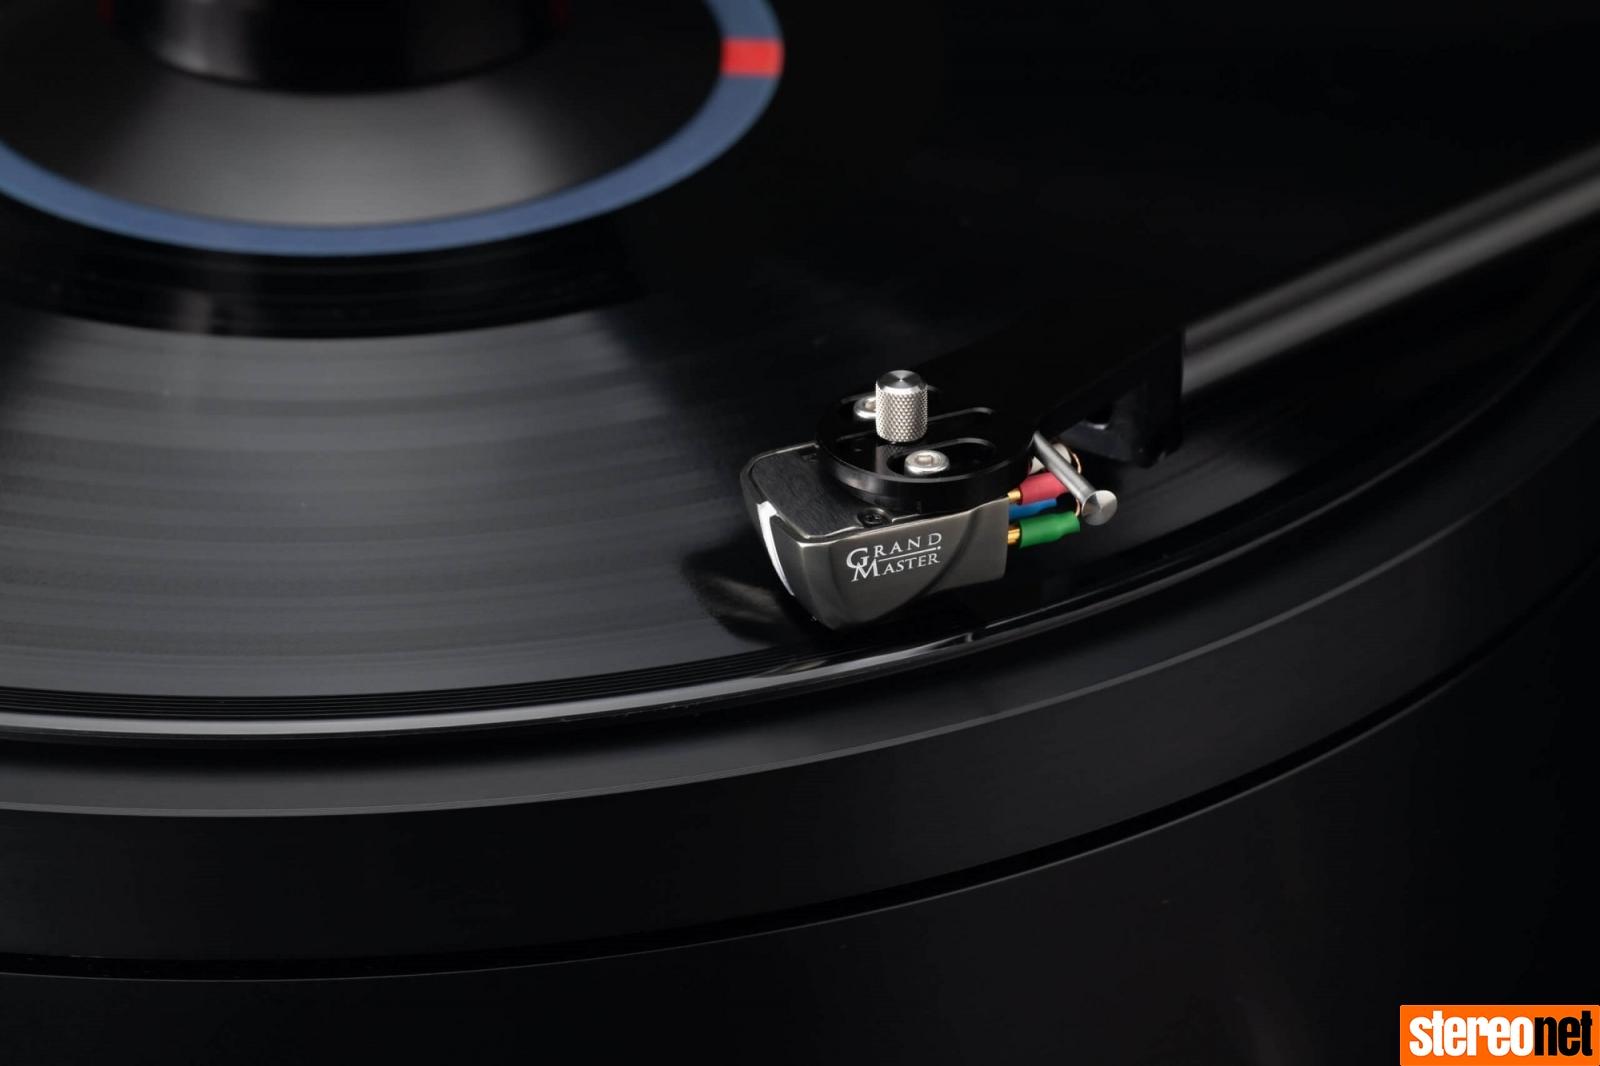 DS Audio Grand Master uk hifi news